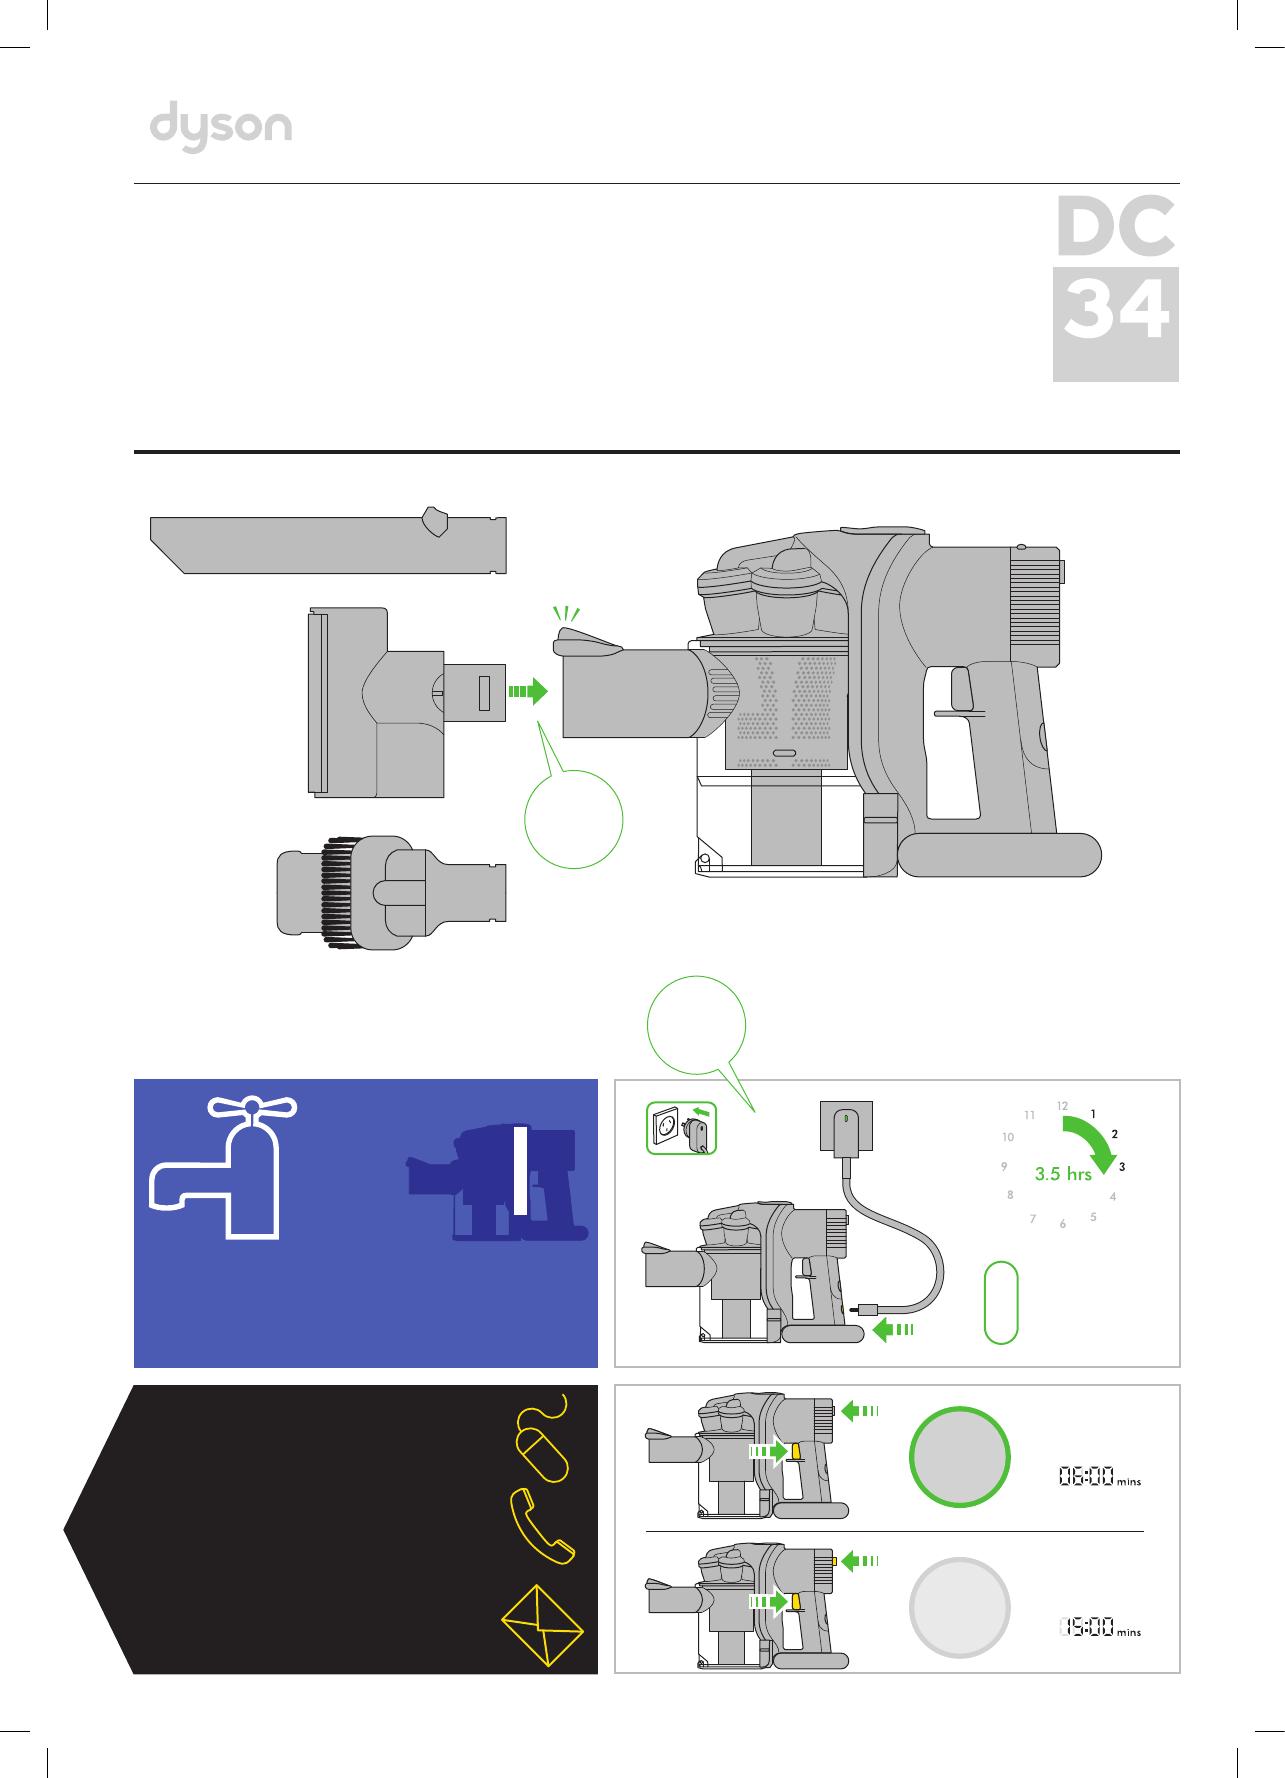 Инструкция по эксплуатации пылесоса дайсон dc62 фен дайсон ютуб